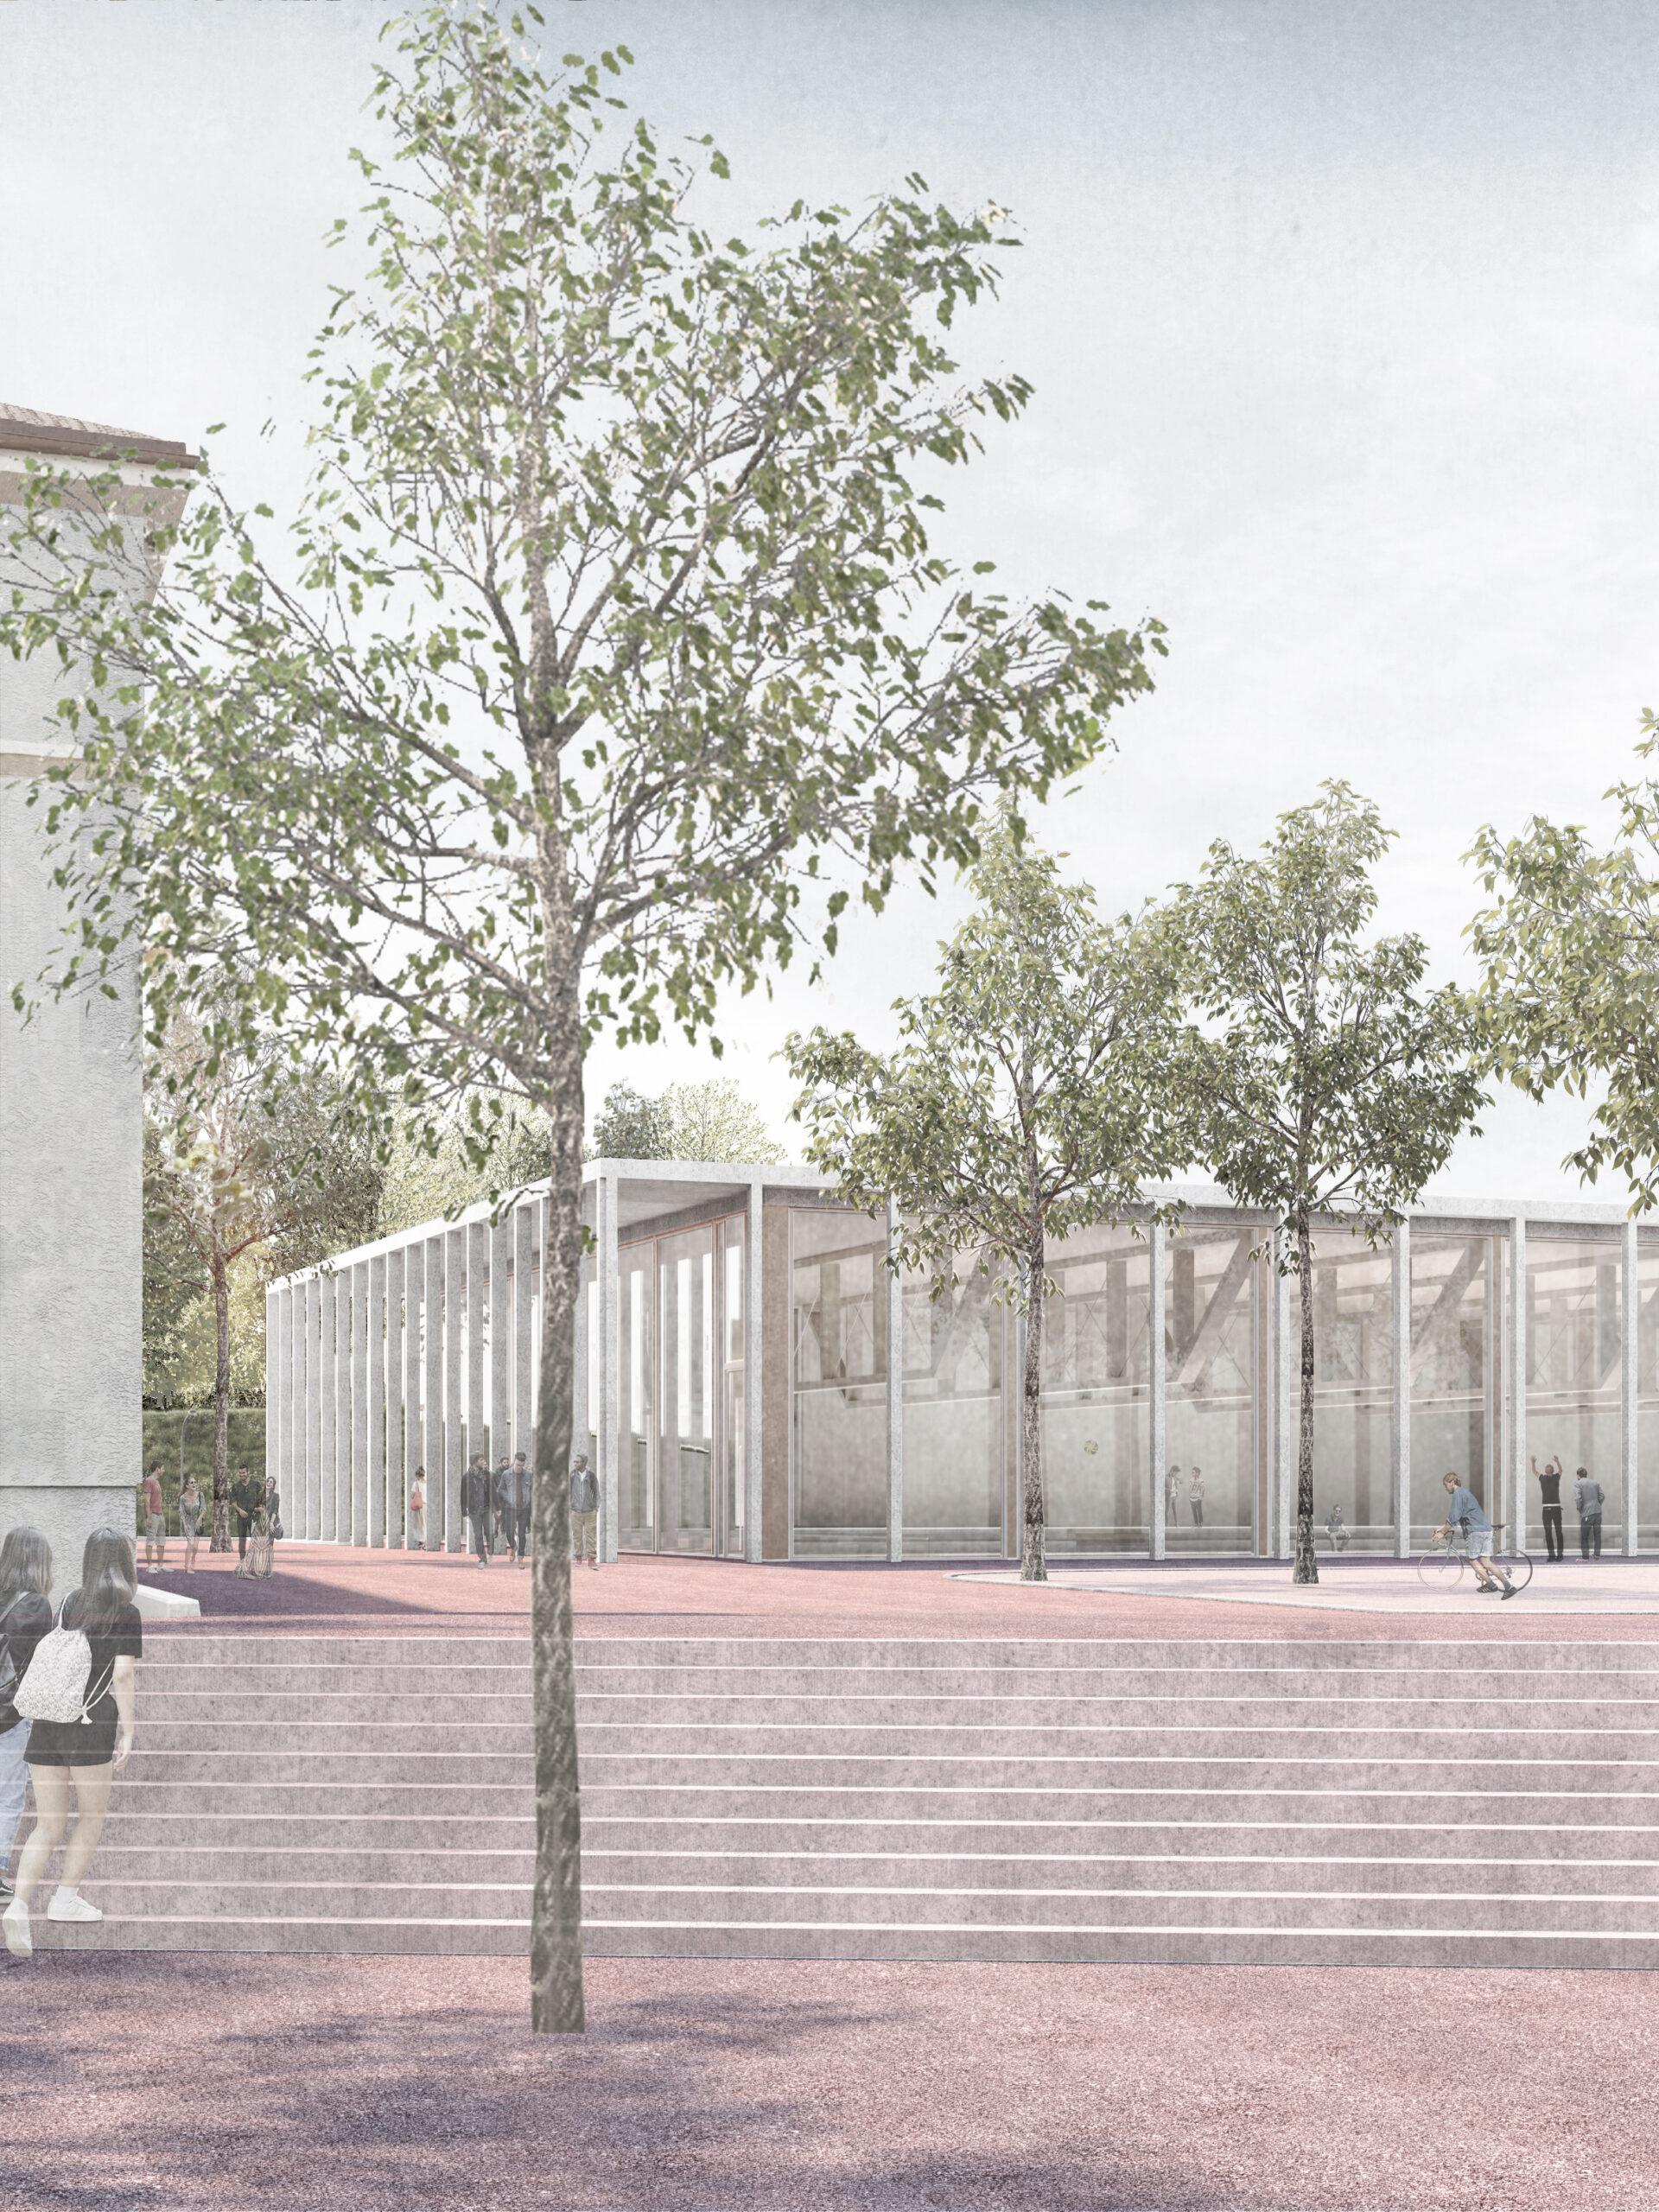 Michael-Becker-Architects-Architekten-3-fach-Turnhalle-Kempten-02f